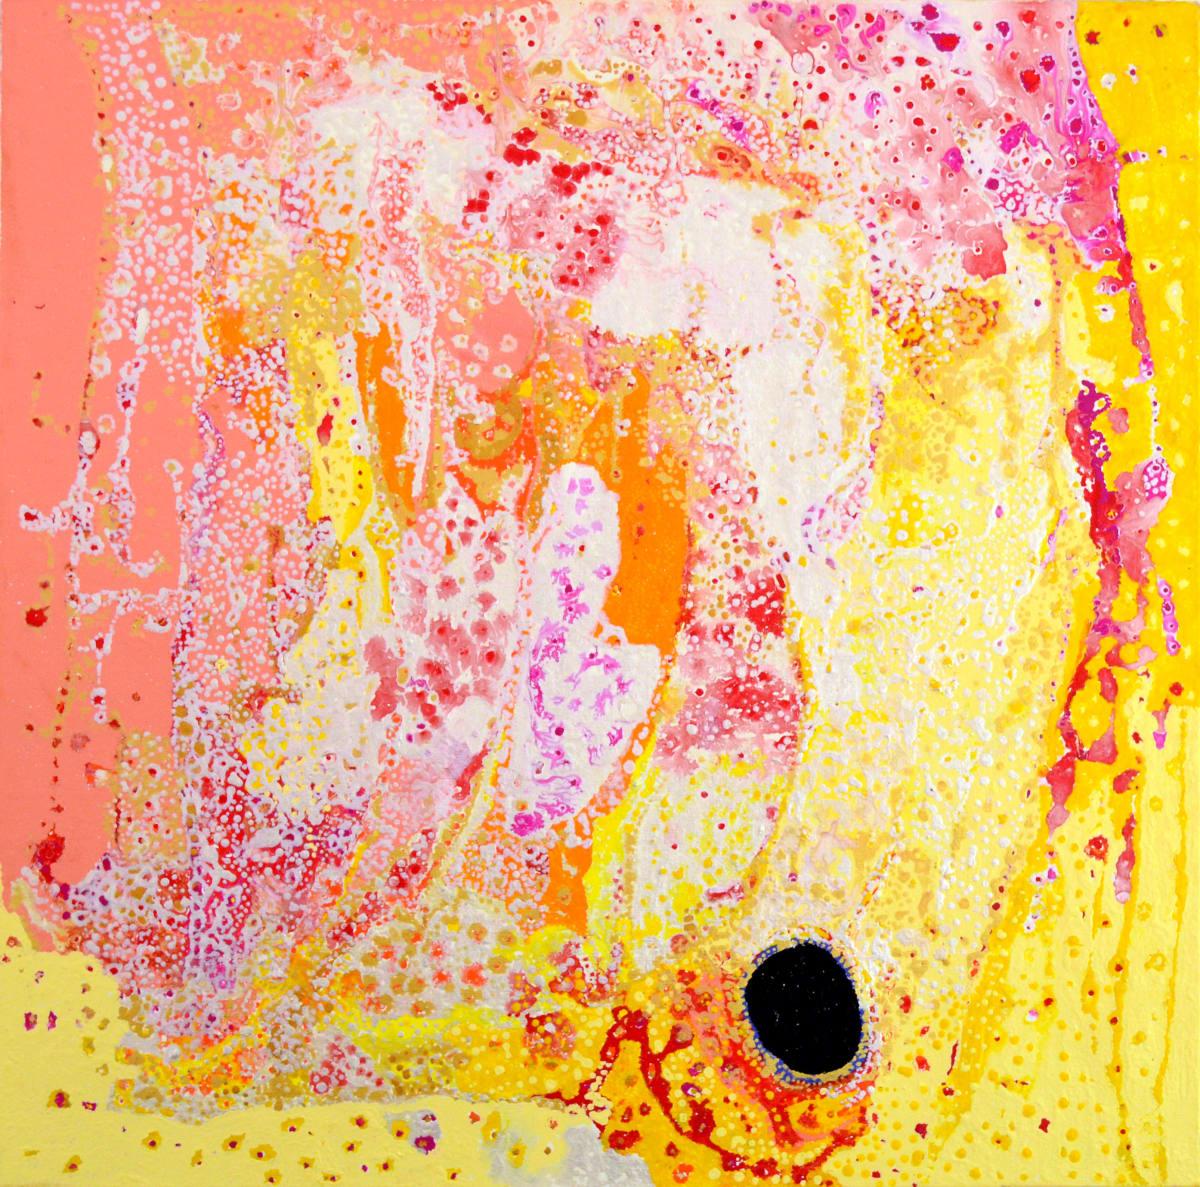 Daniel Walbidi Kirriwirri acrylic on linen 100 x 100 cm